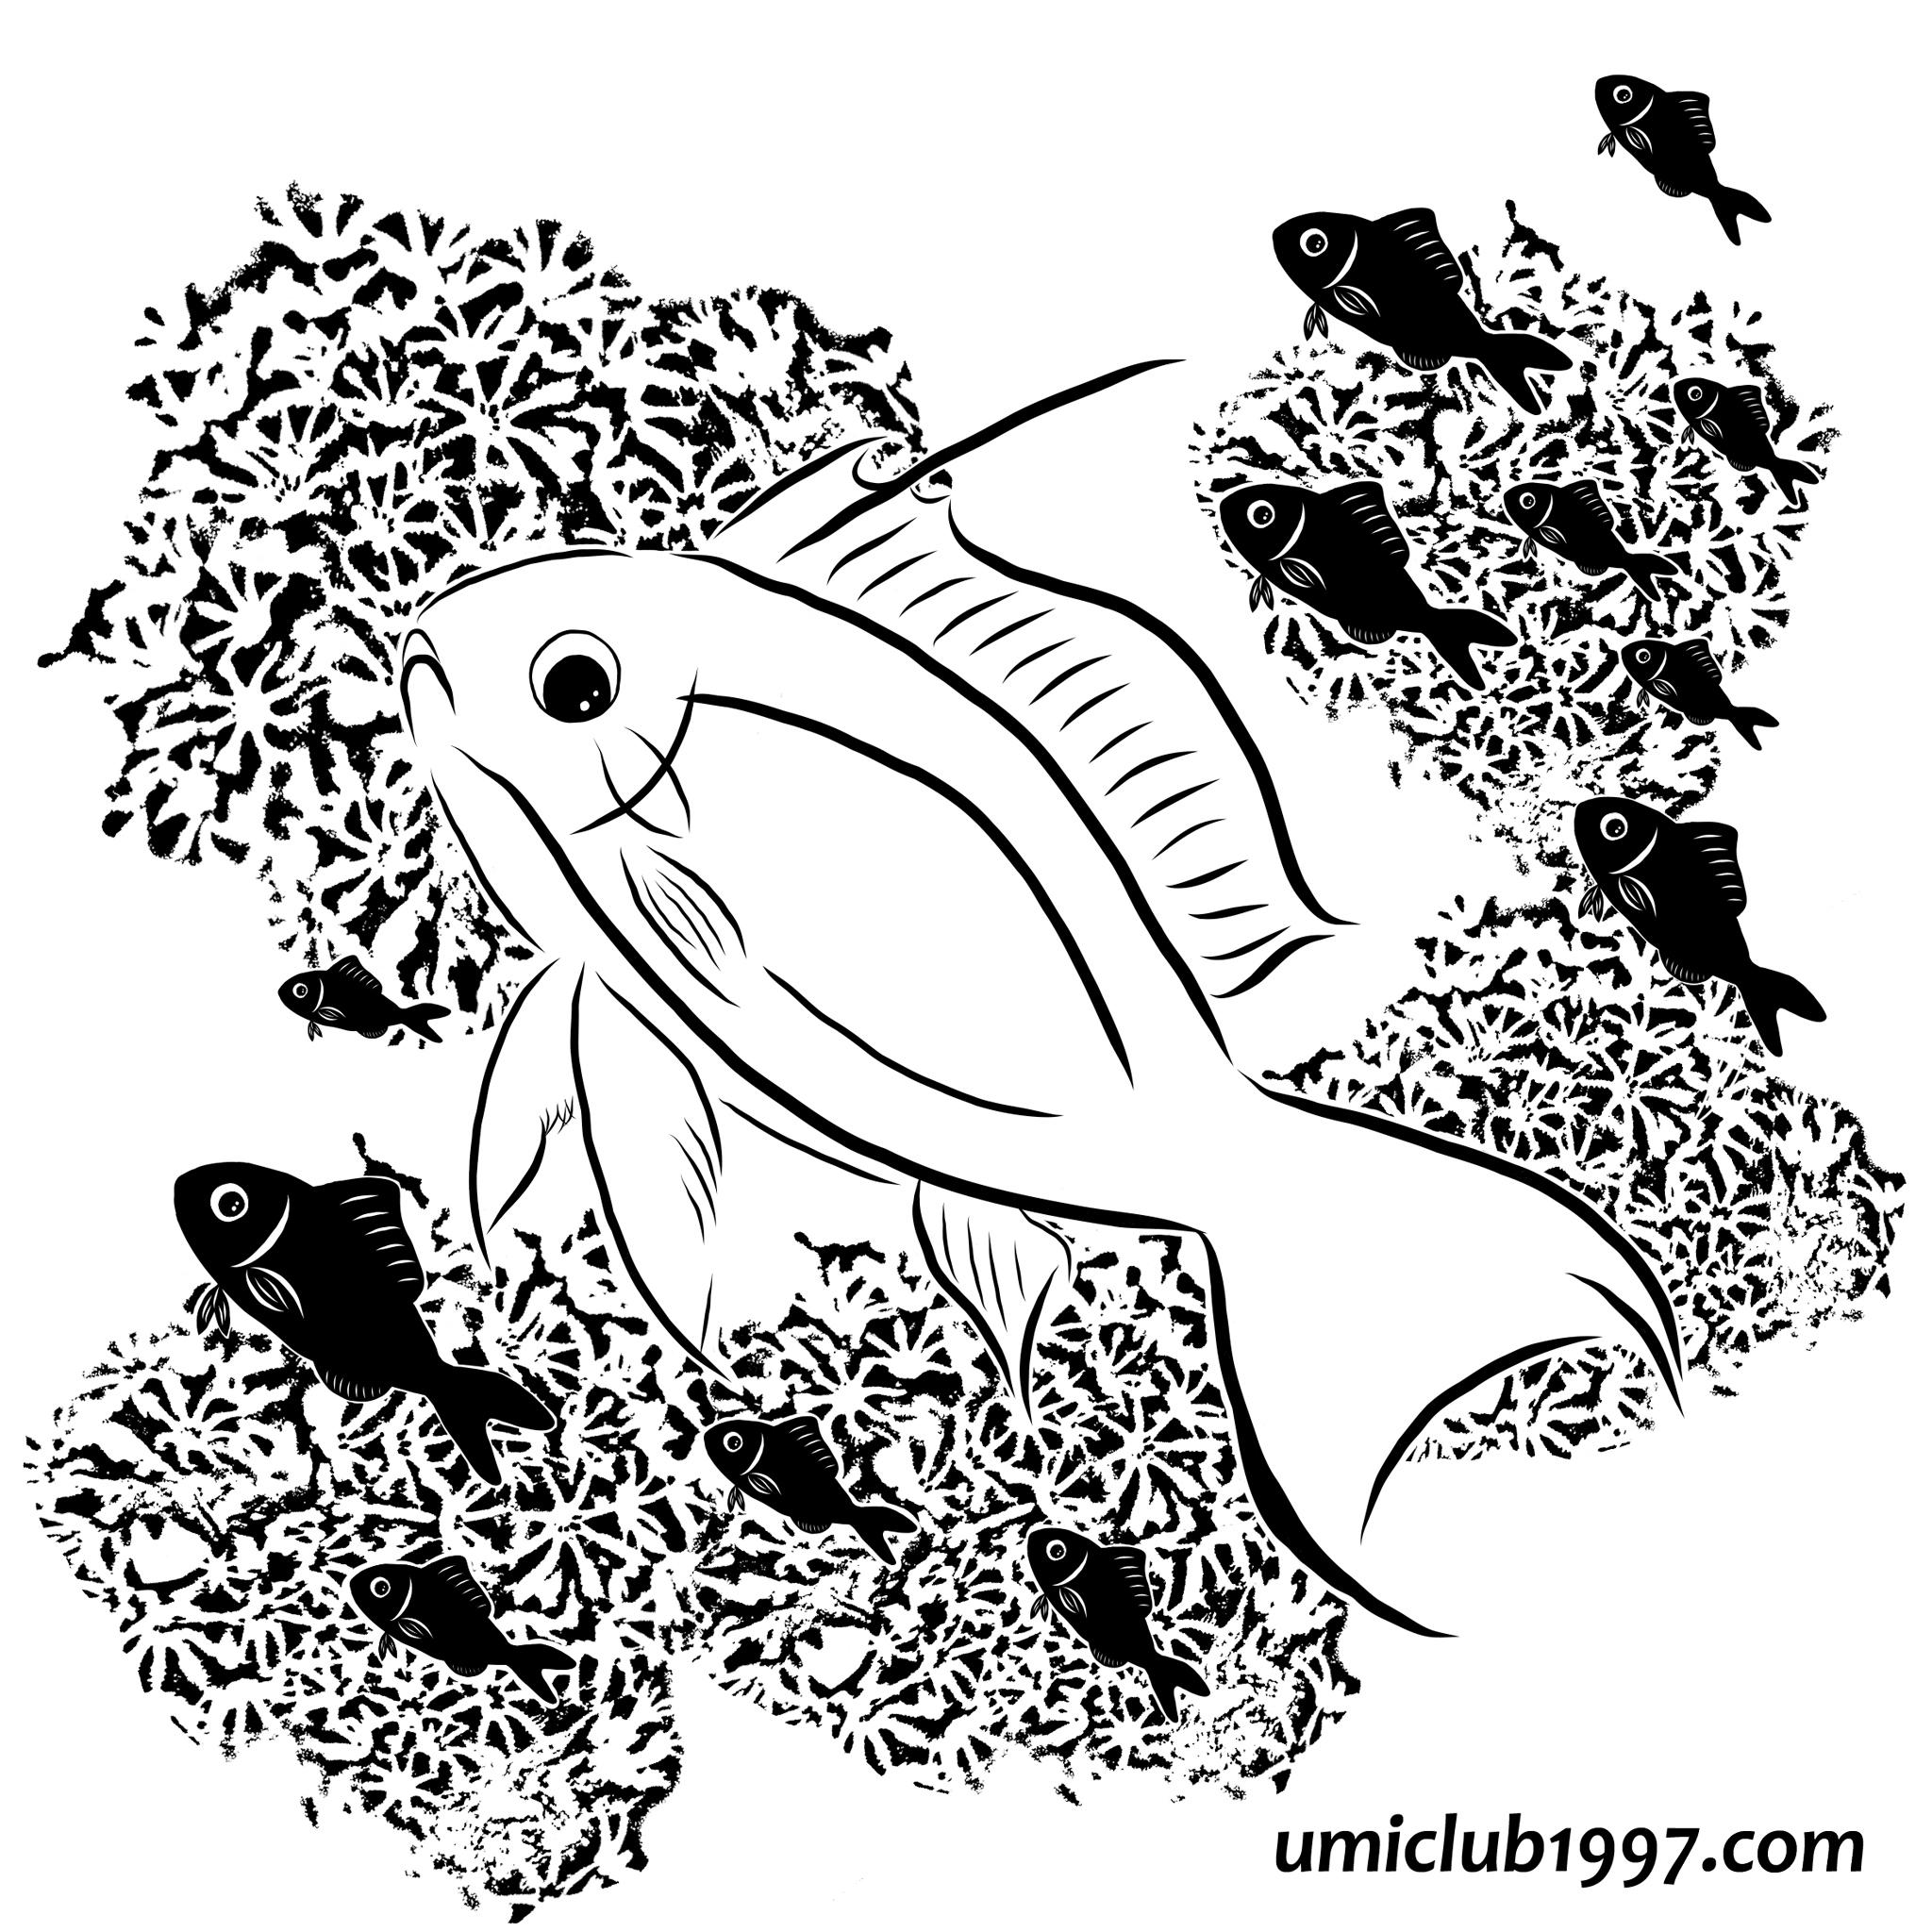 キンギョハナダイ-モノクロイラスト